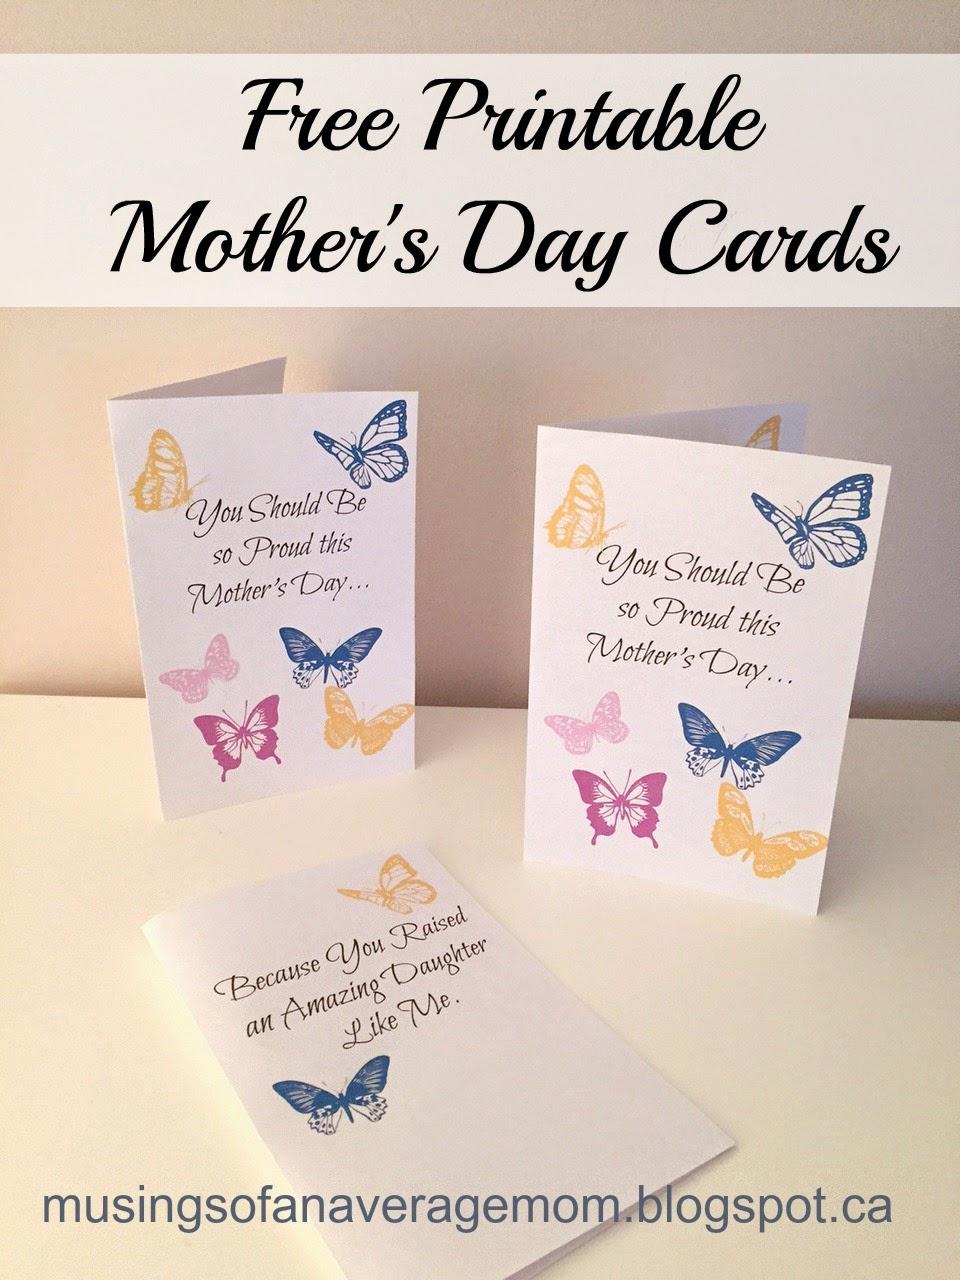 http://musingsofanaveragemom.blogspot.ca/2015/04/free-mothers-day-printable-cards.html